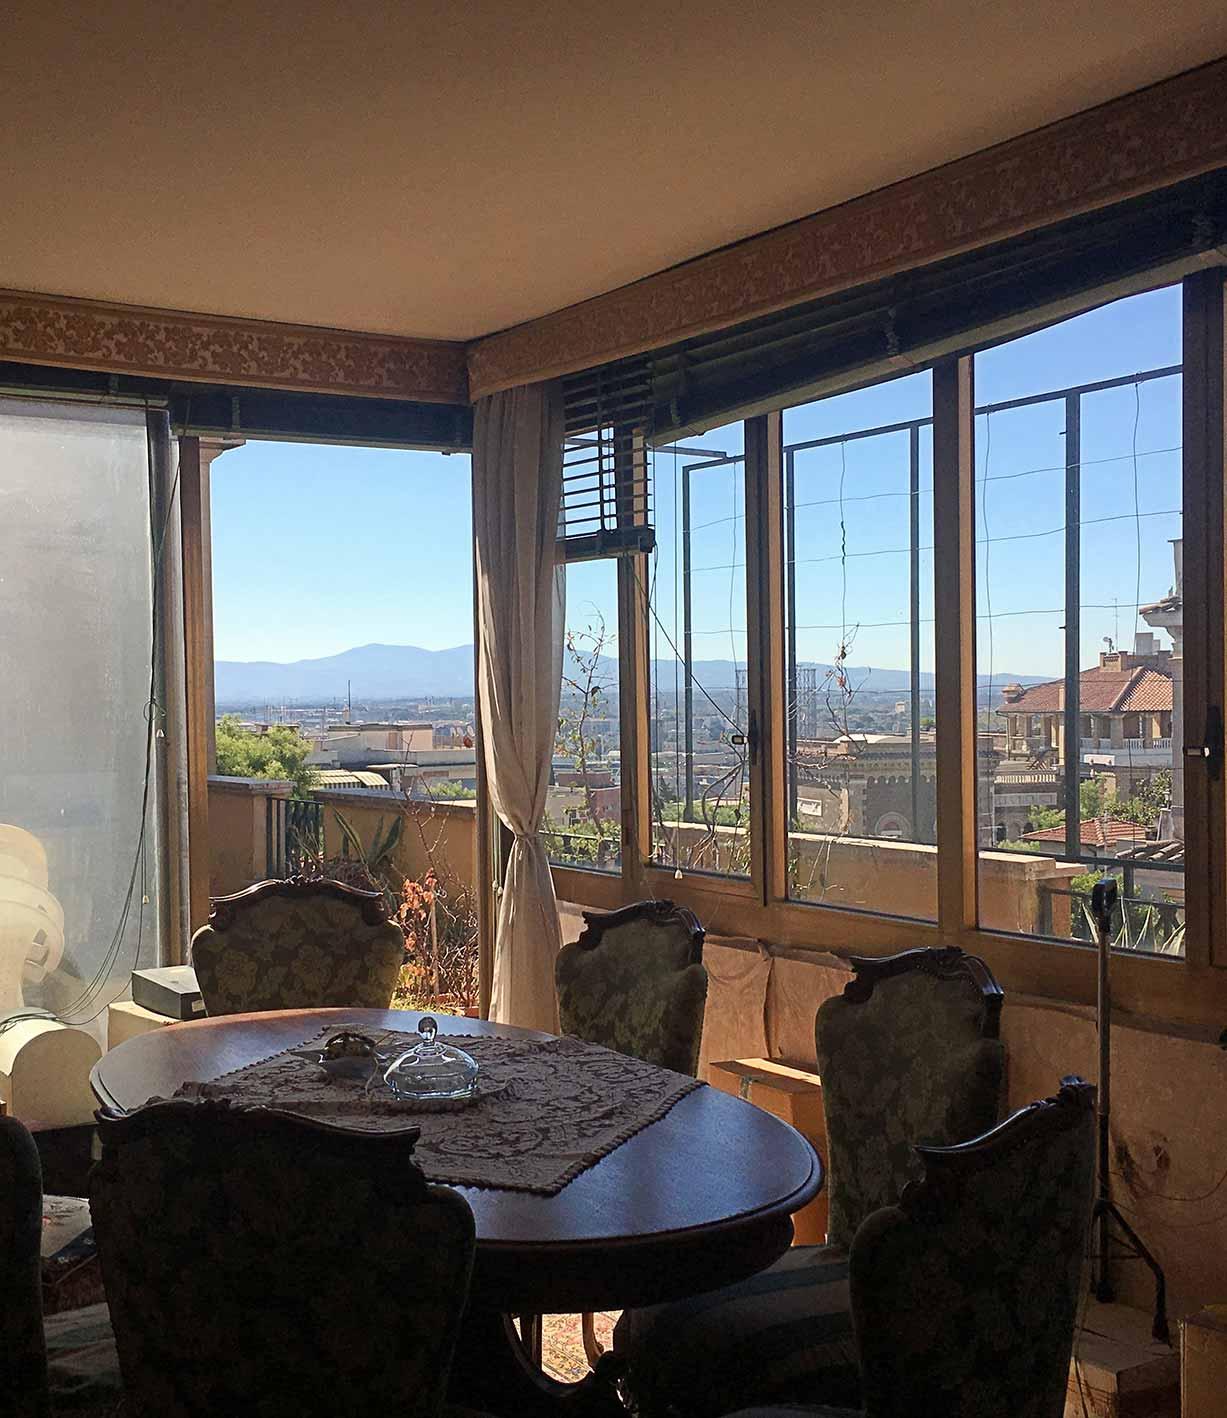 tavolo e finestra con vista su Roma